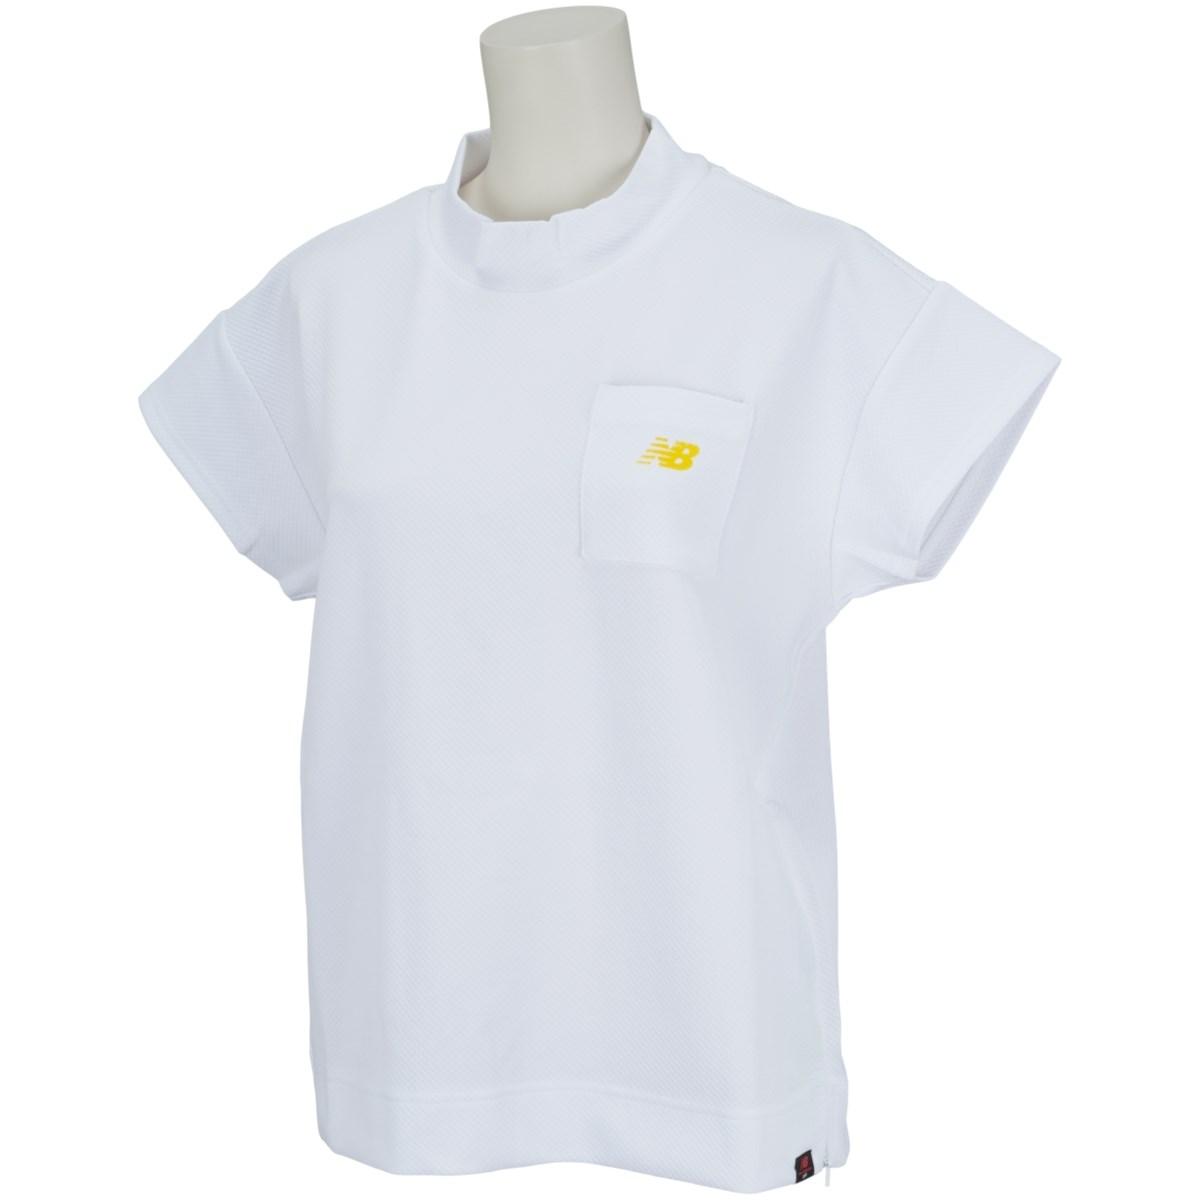 ニューバランス New Balance SPORT 半袖Tシャツ 0 ホワイト 030 レディス